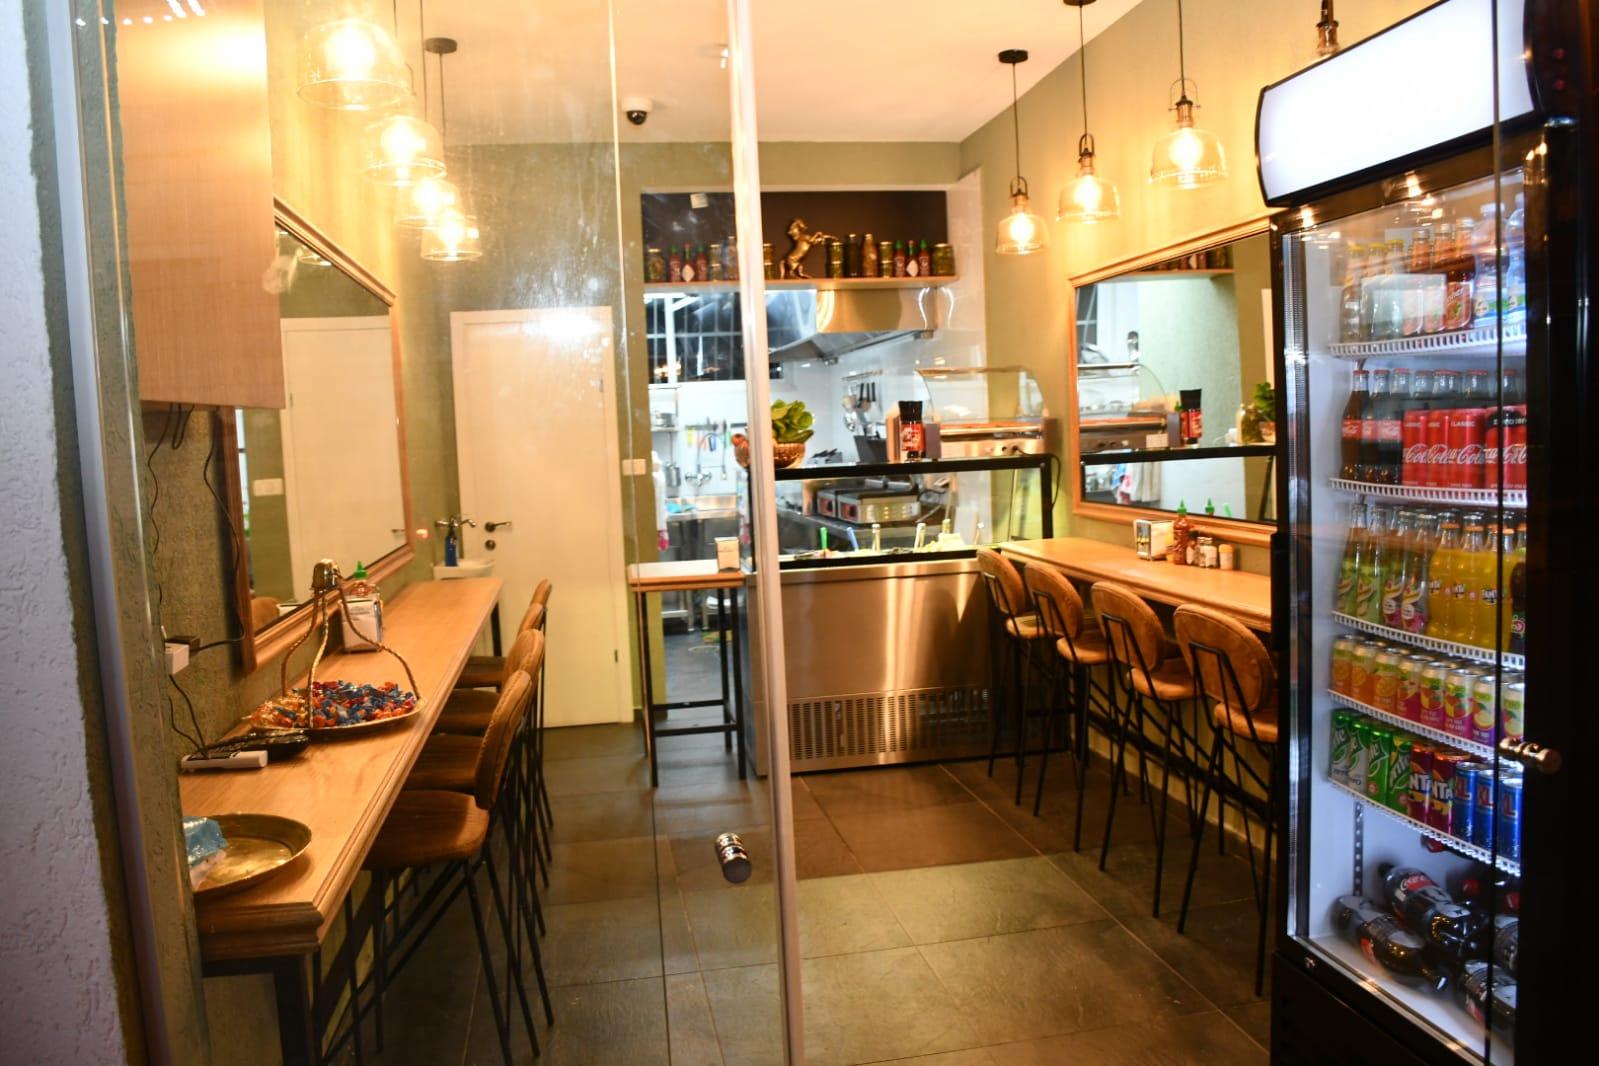 اليوم: افتتاح Star toast بيافا للوجبات السريعة والسندويشات